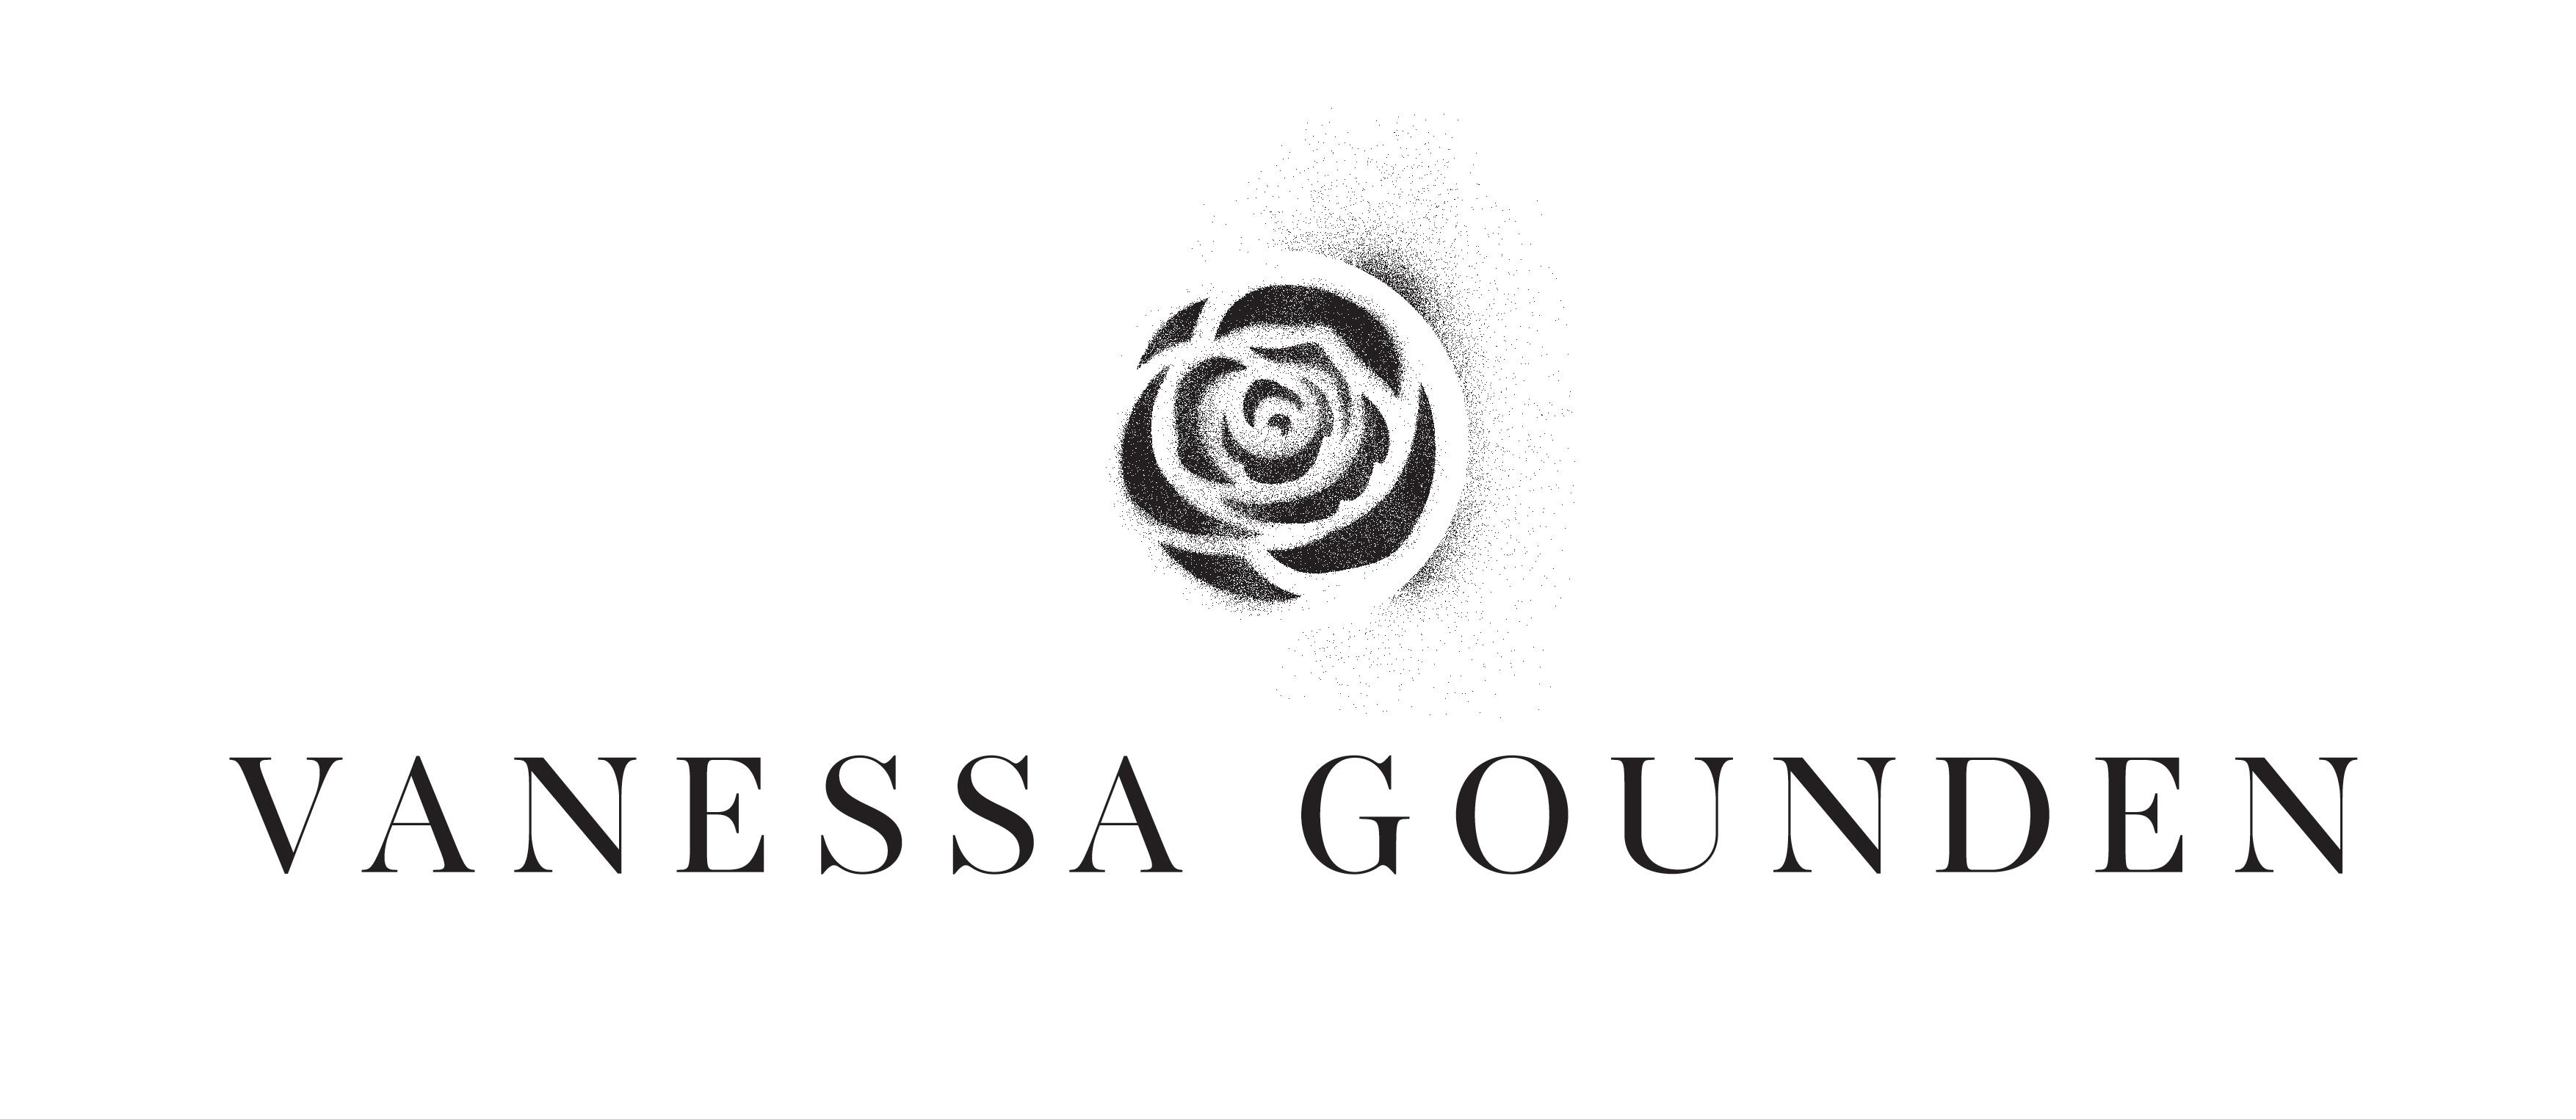 Vanessa Gounden